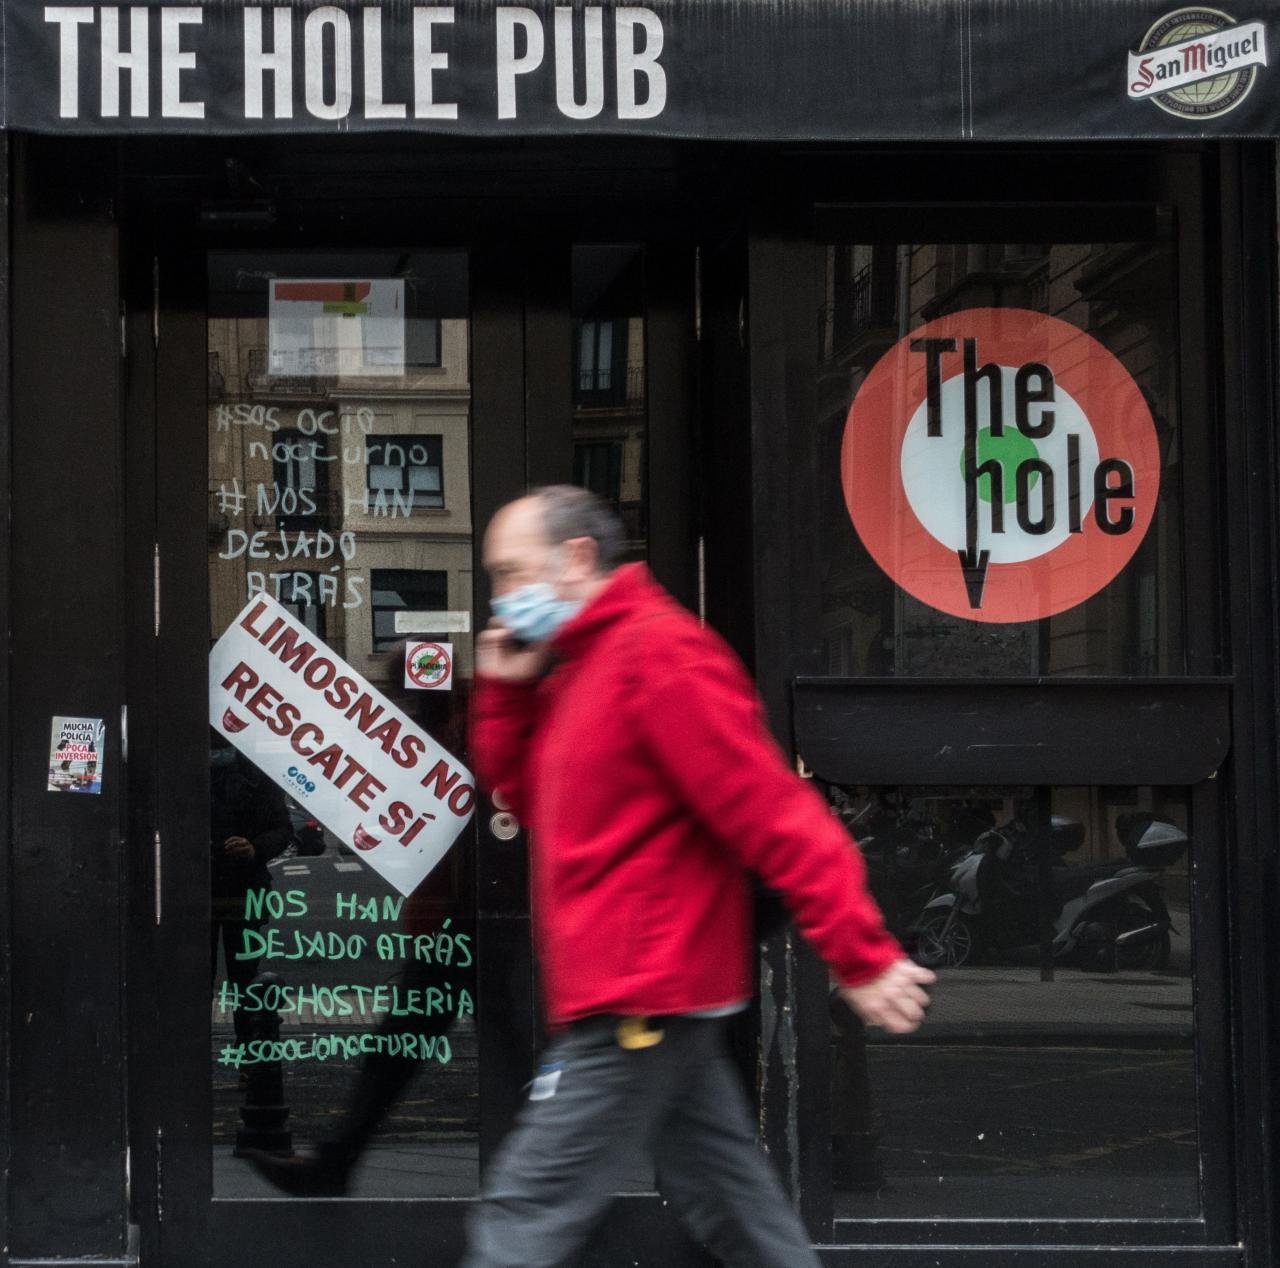 La justicia vasca decide hoy sobre cierre de bares mientras protestan los hosteleros.